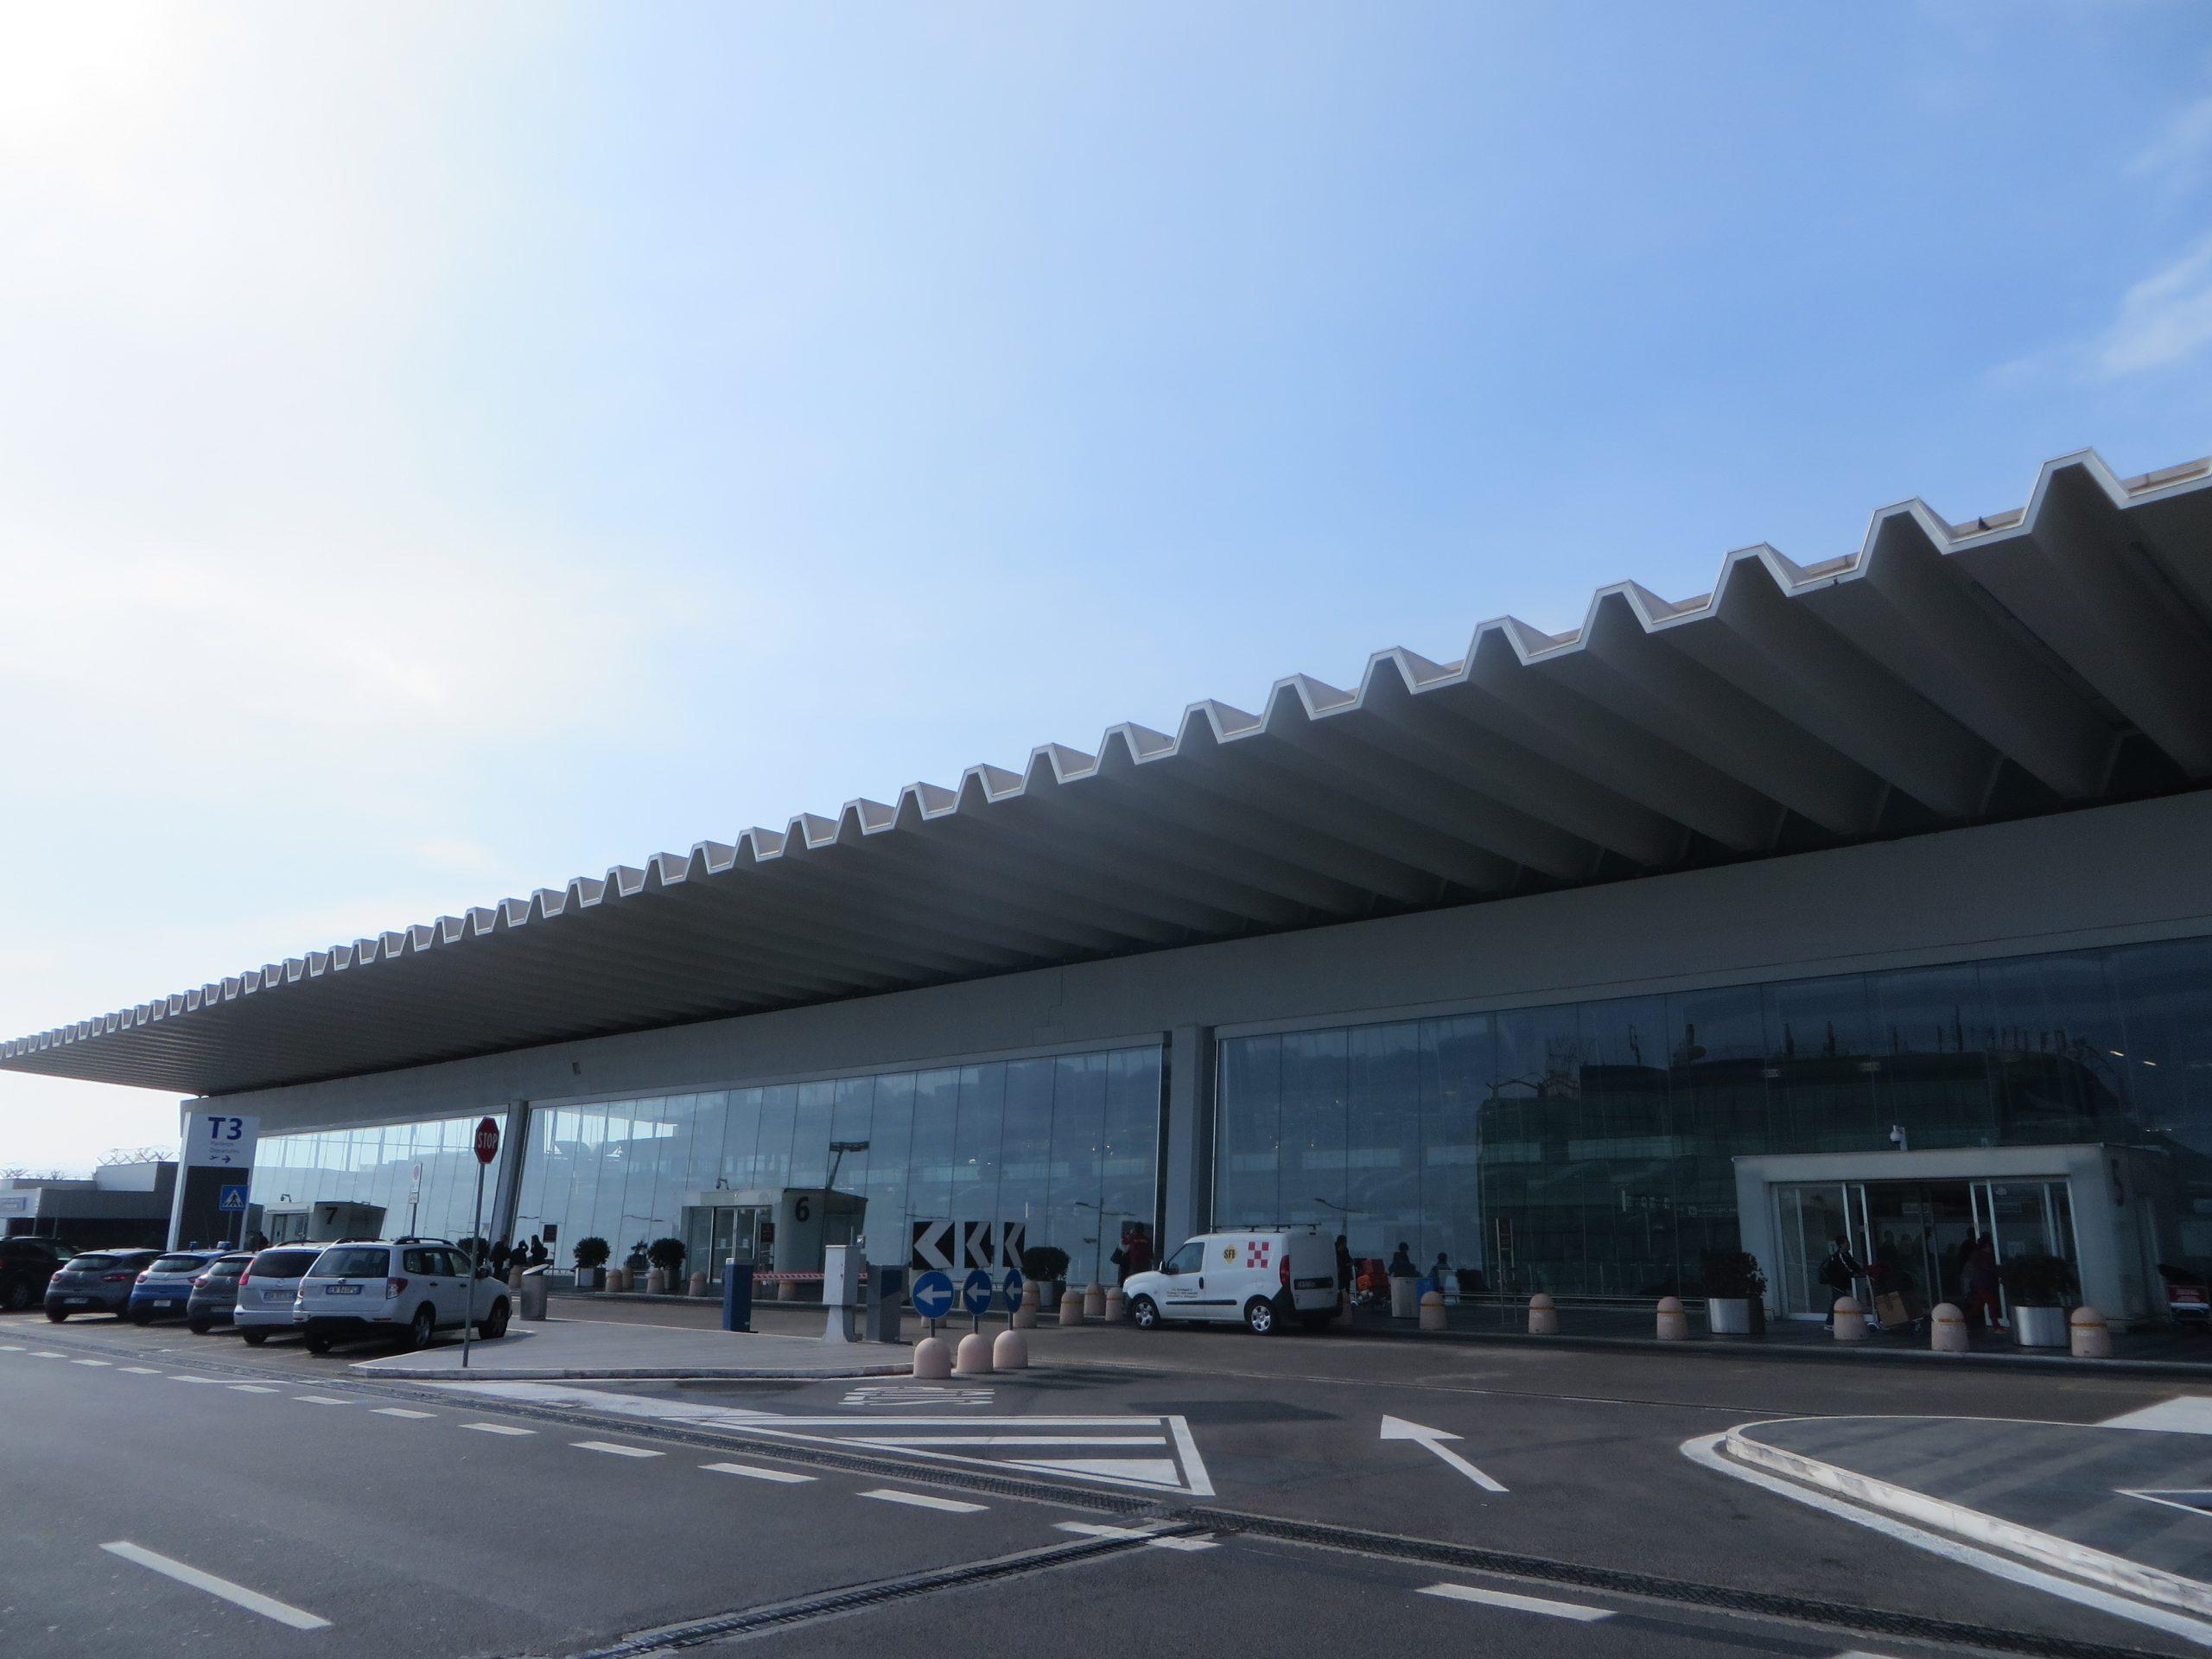 Aeroporto Internazionale di Fiumicino